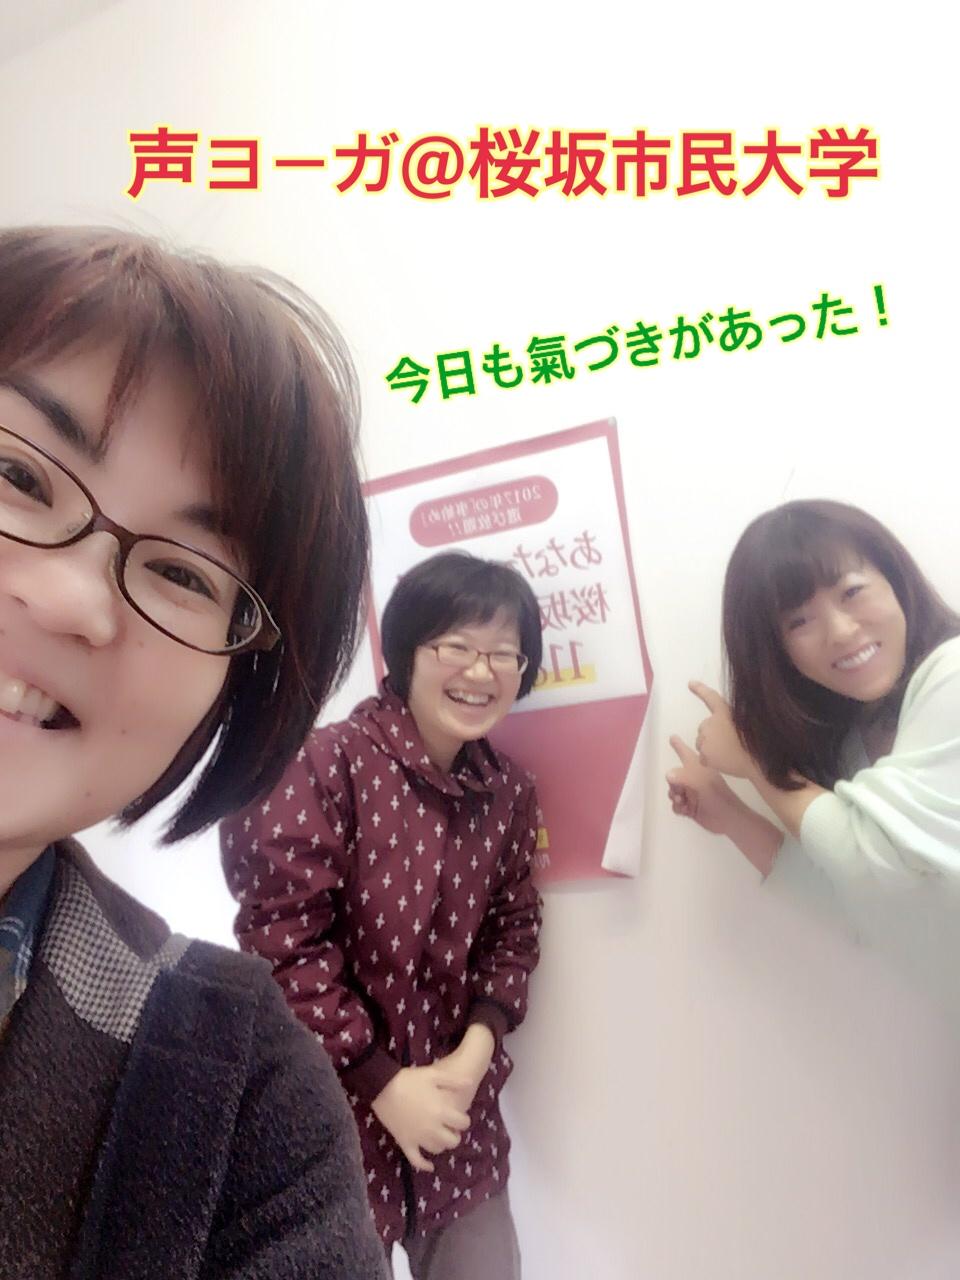 声ヨーガ、桜坂市民大学、ヨーガ、うた、声、ボイトレ、ライア、沖縄、自律神経、